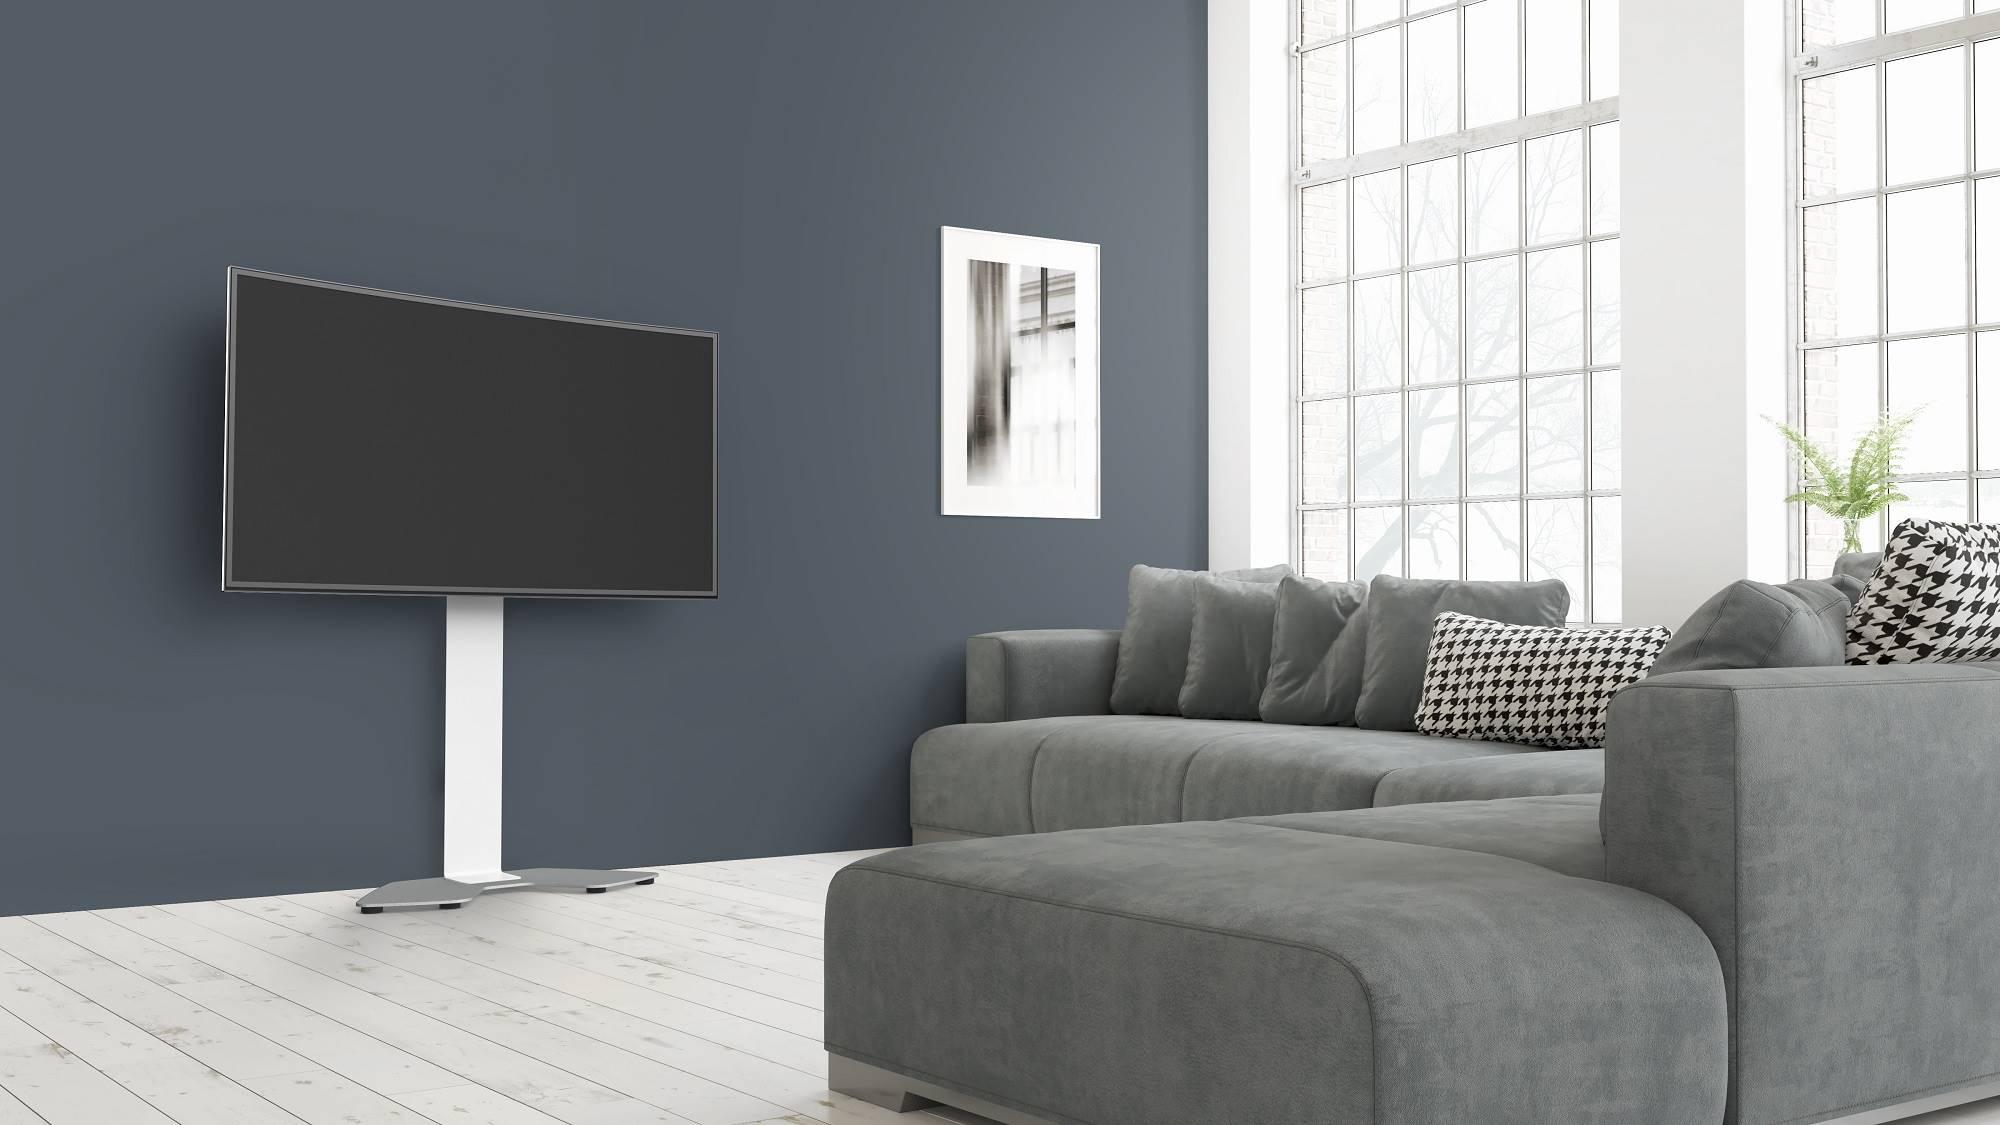 Fixer Une Tv Au Mur support mural sans perçage pour tv jusqu'à 65'' - hauteur